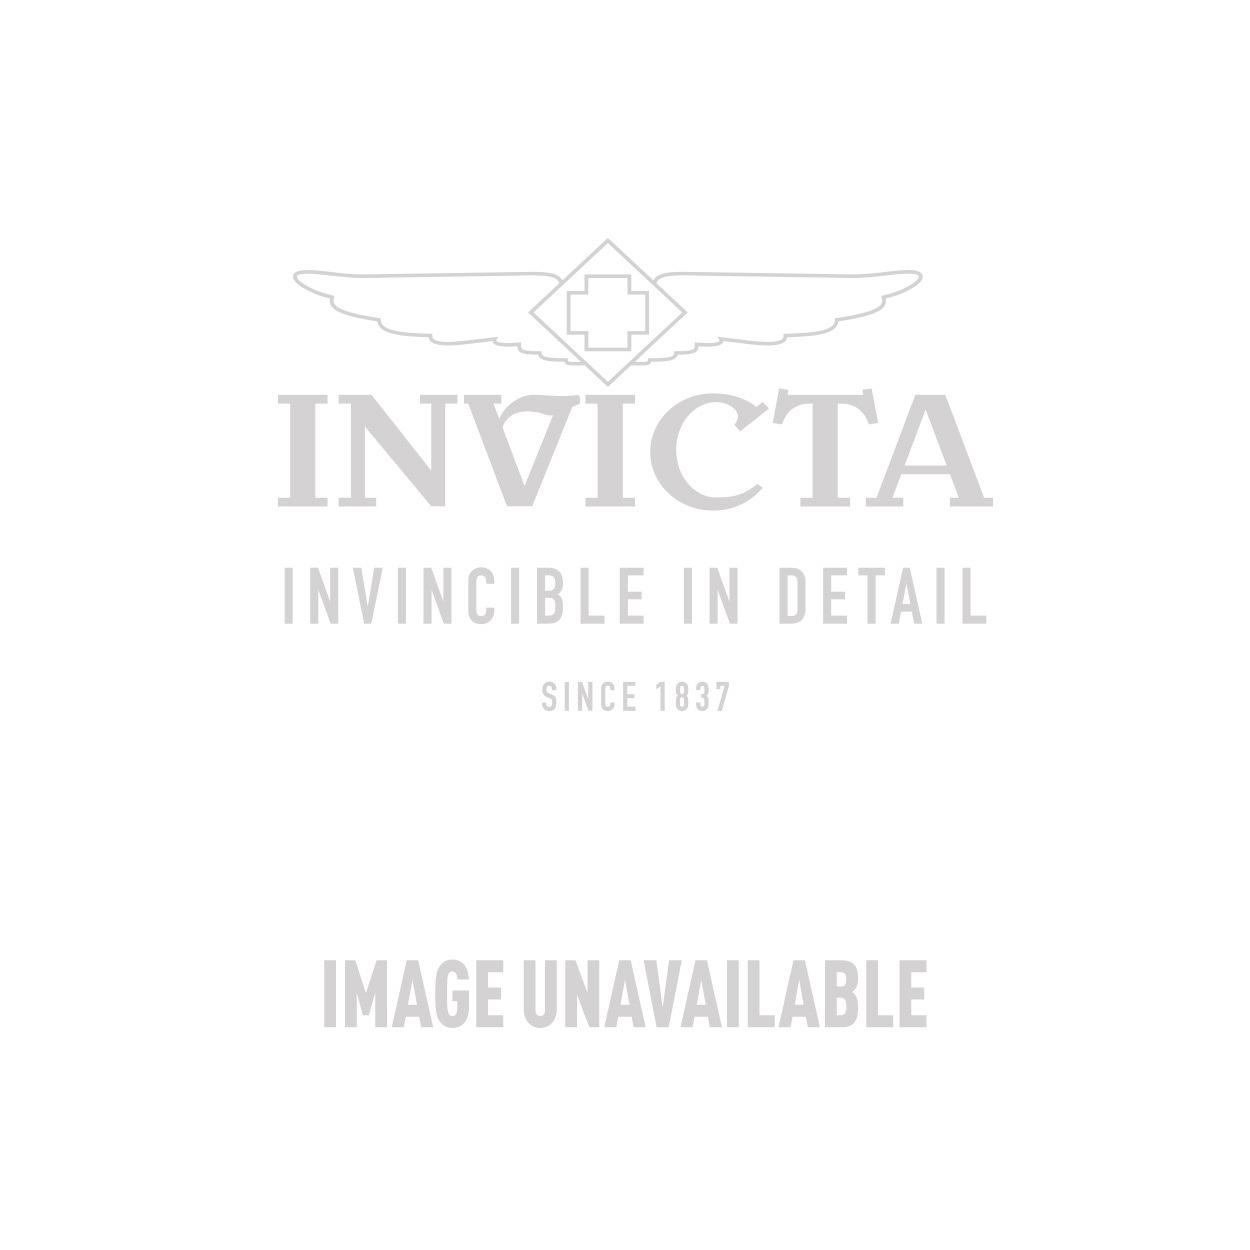 Invicta Model  26940